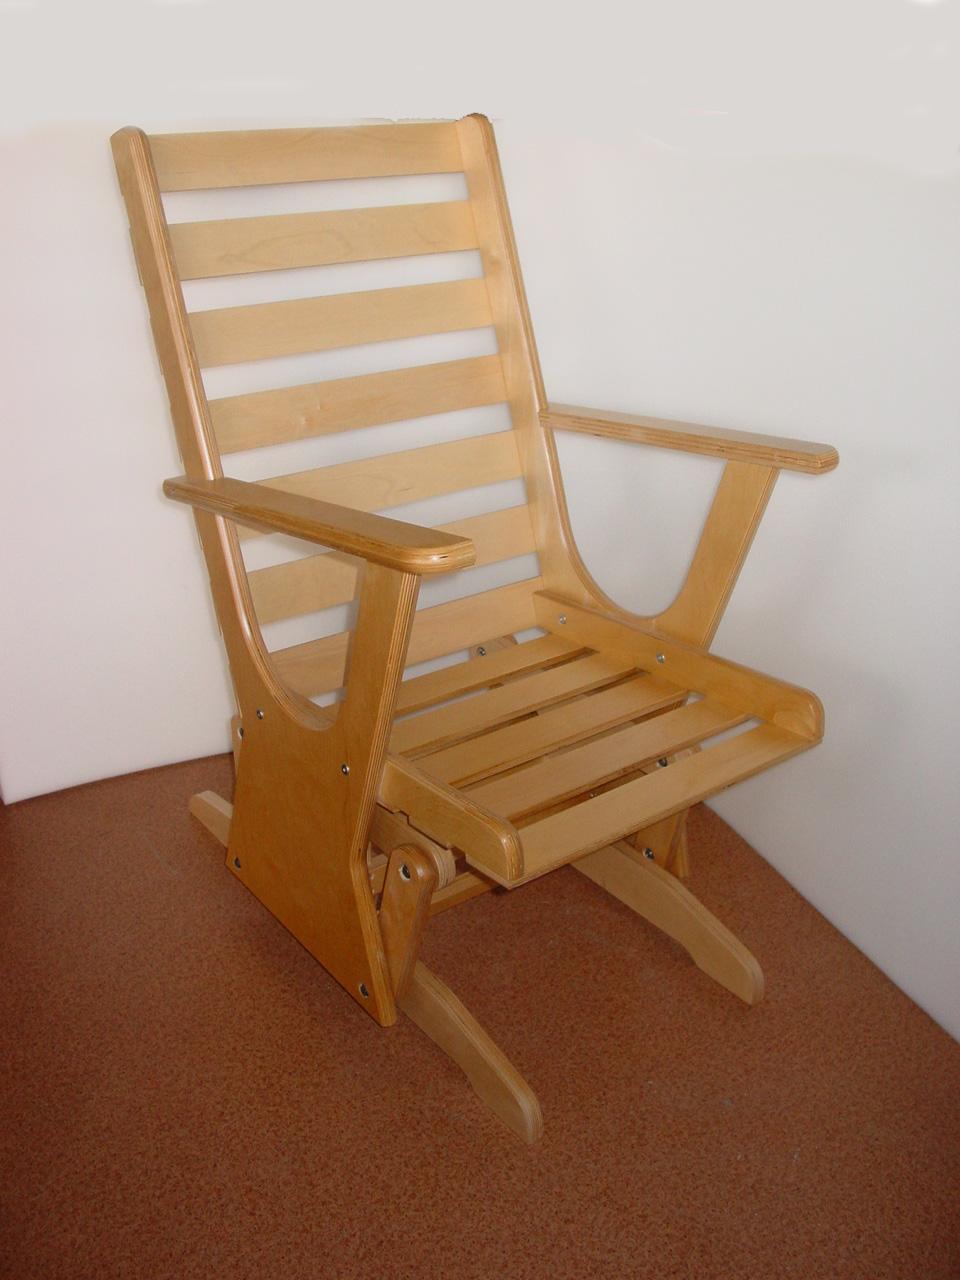 Кресло качалка скользящая своими руками